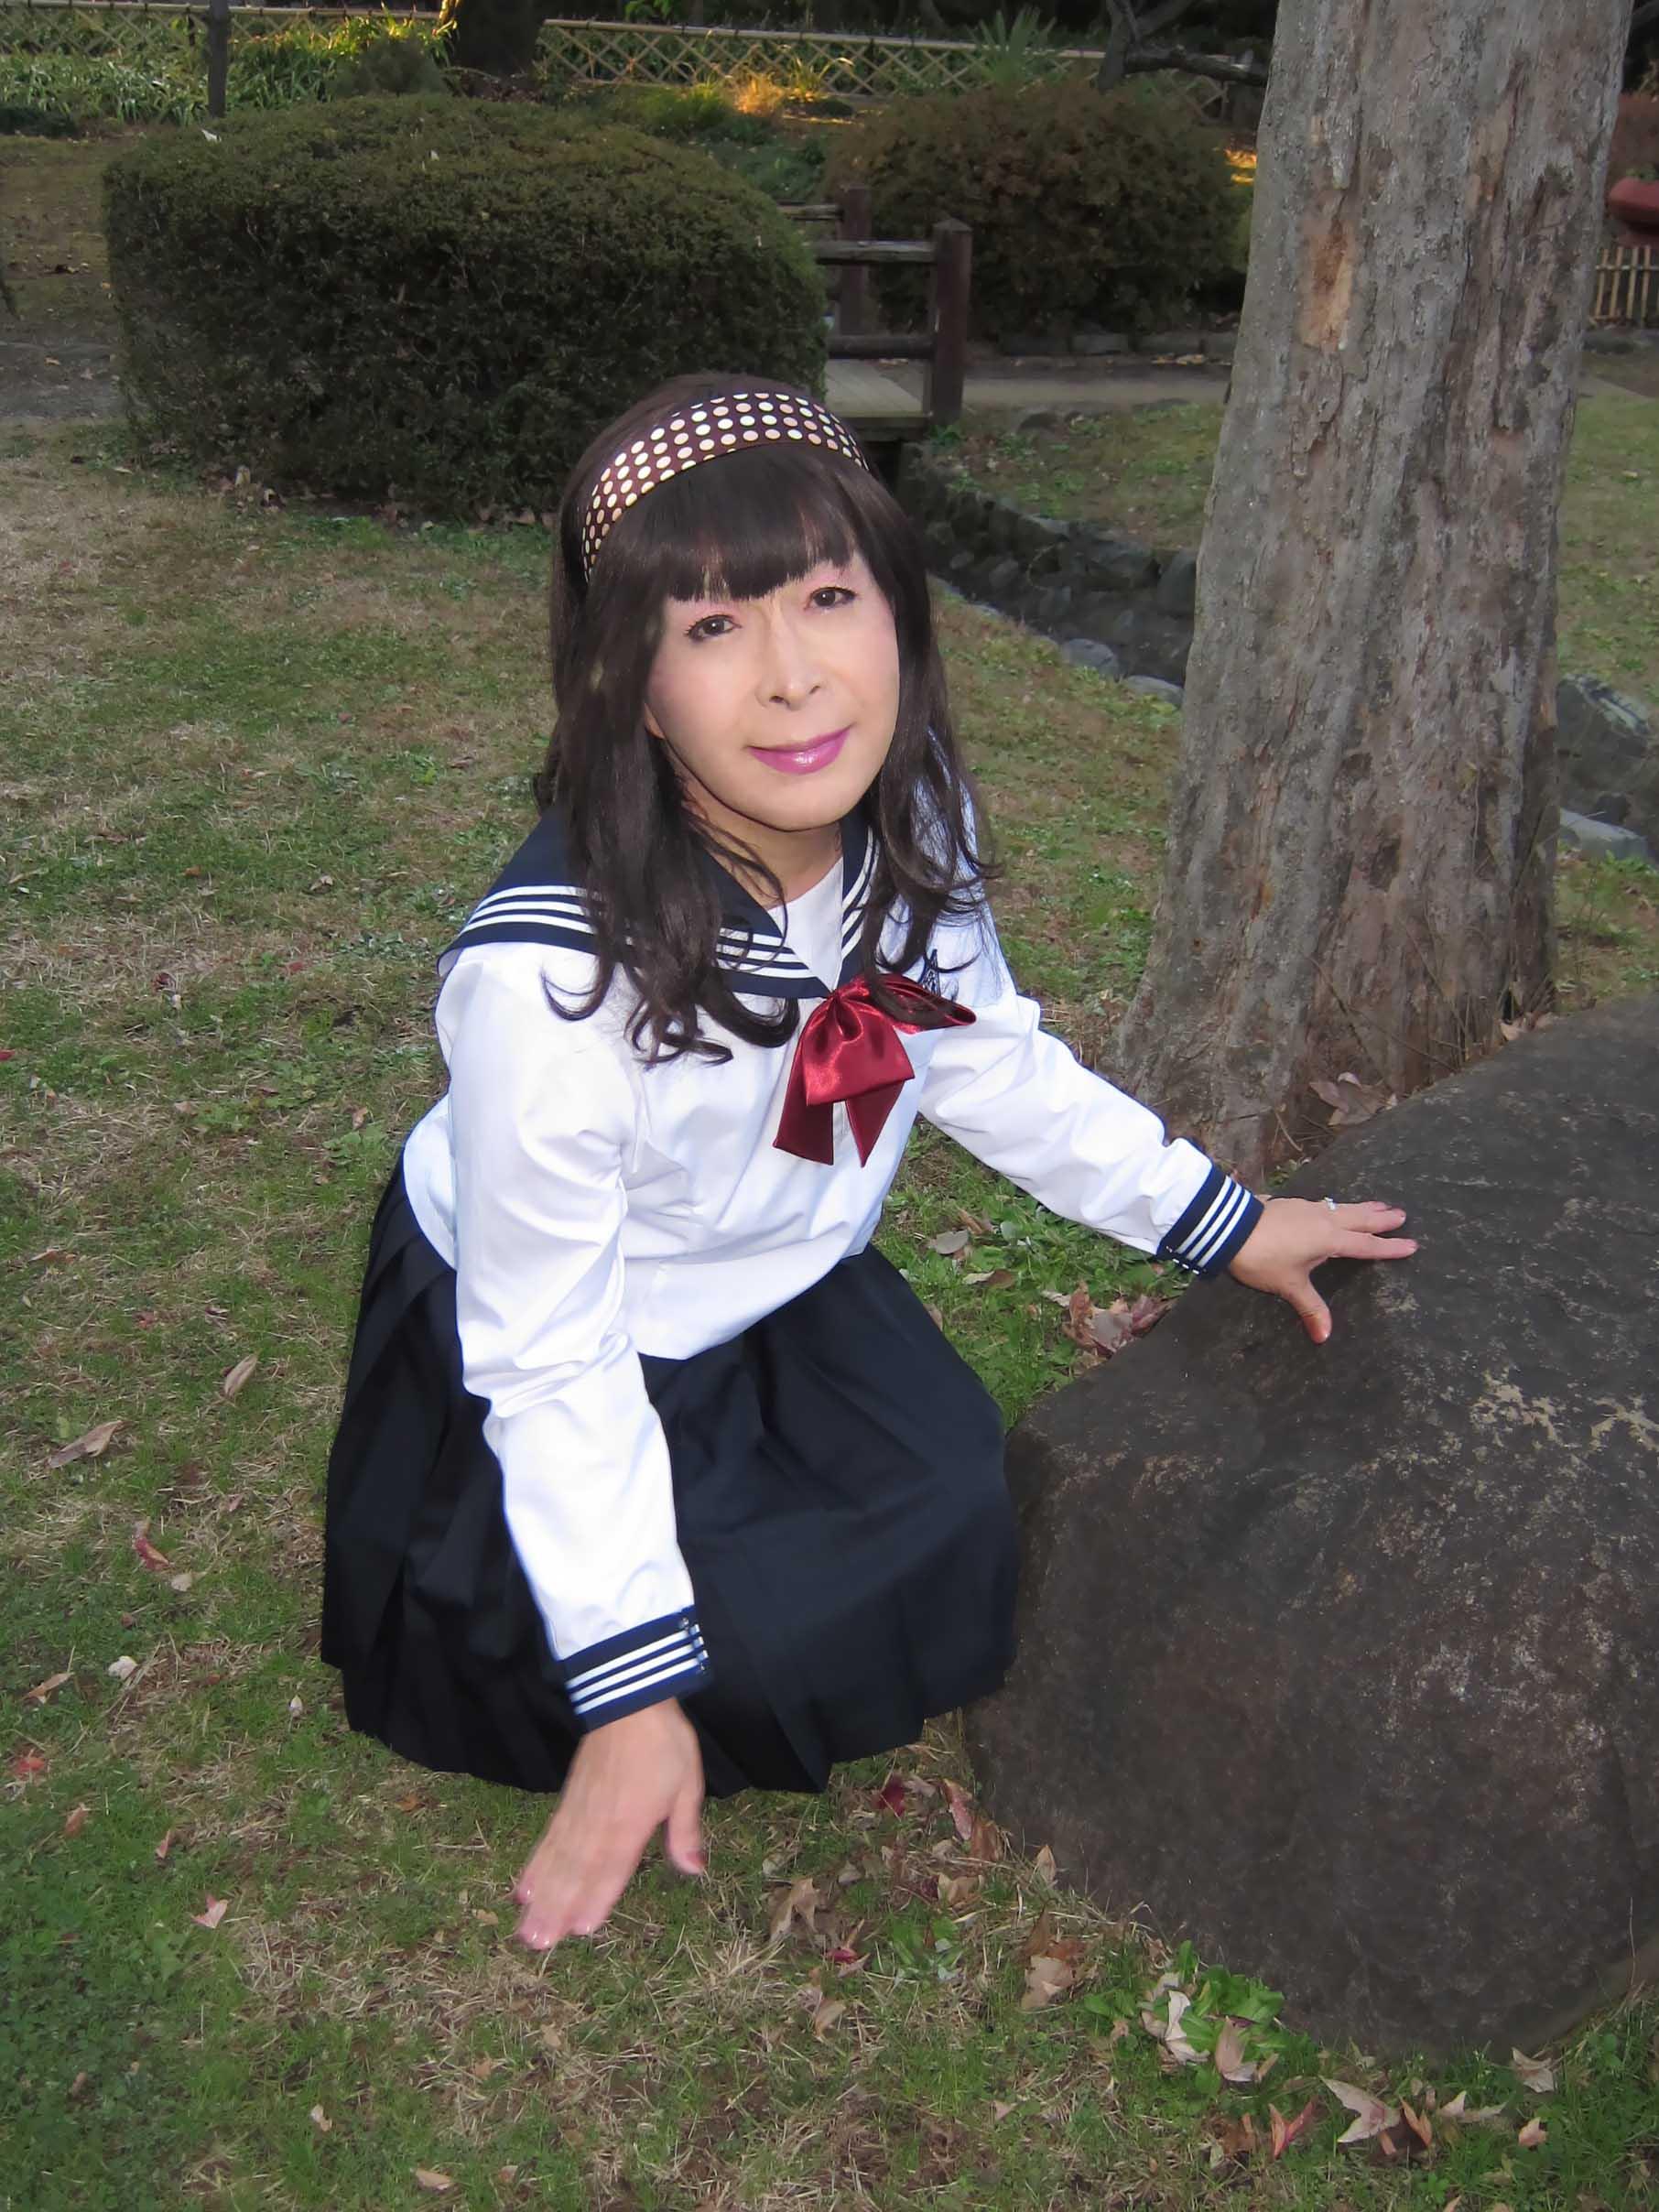 普通の娘のエロい画像 Part23 [無断転載禁止]©bbspink.comYouTube動画>3本 ->画像>694枚